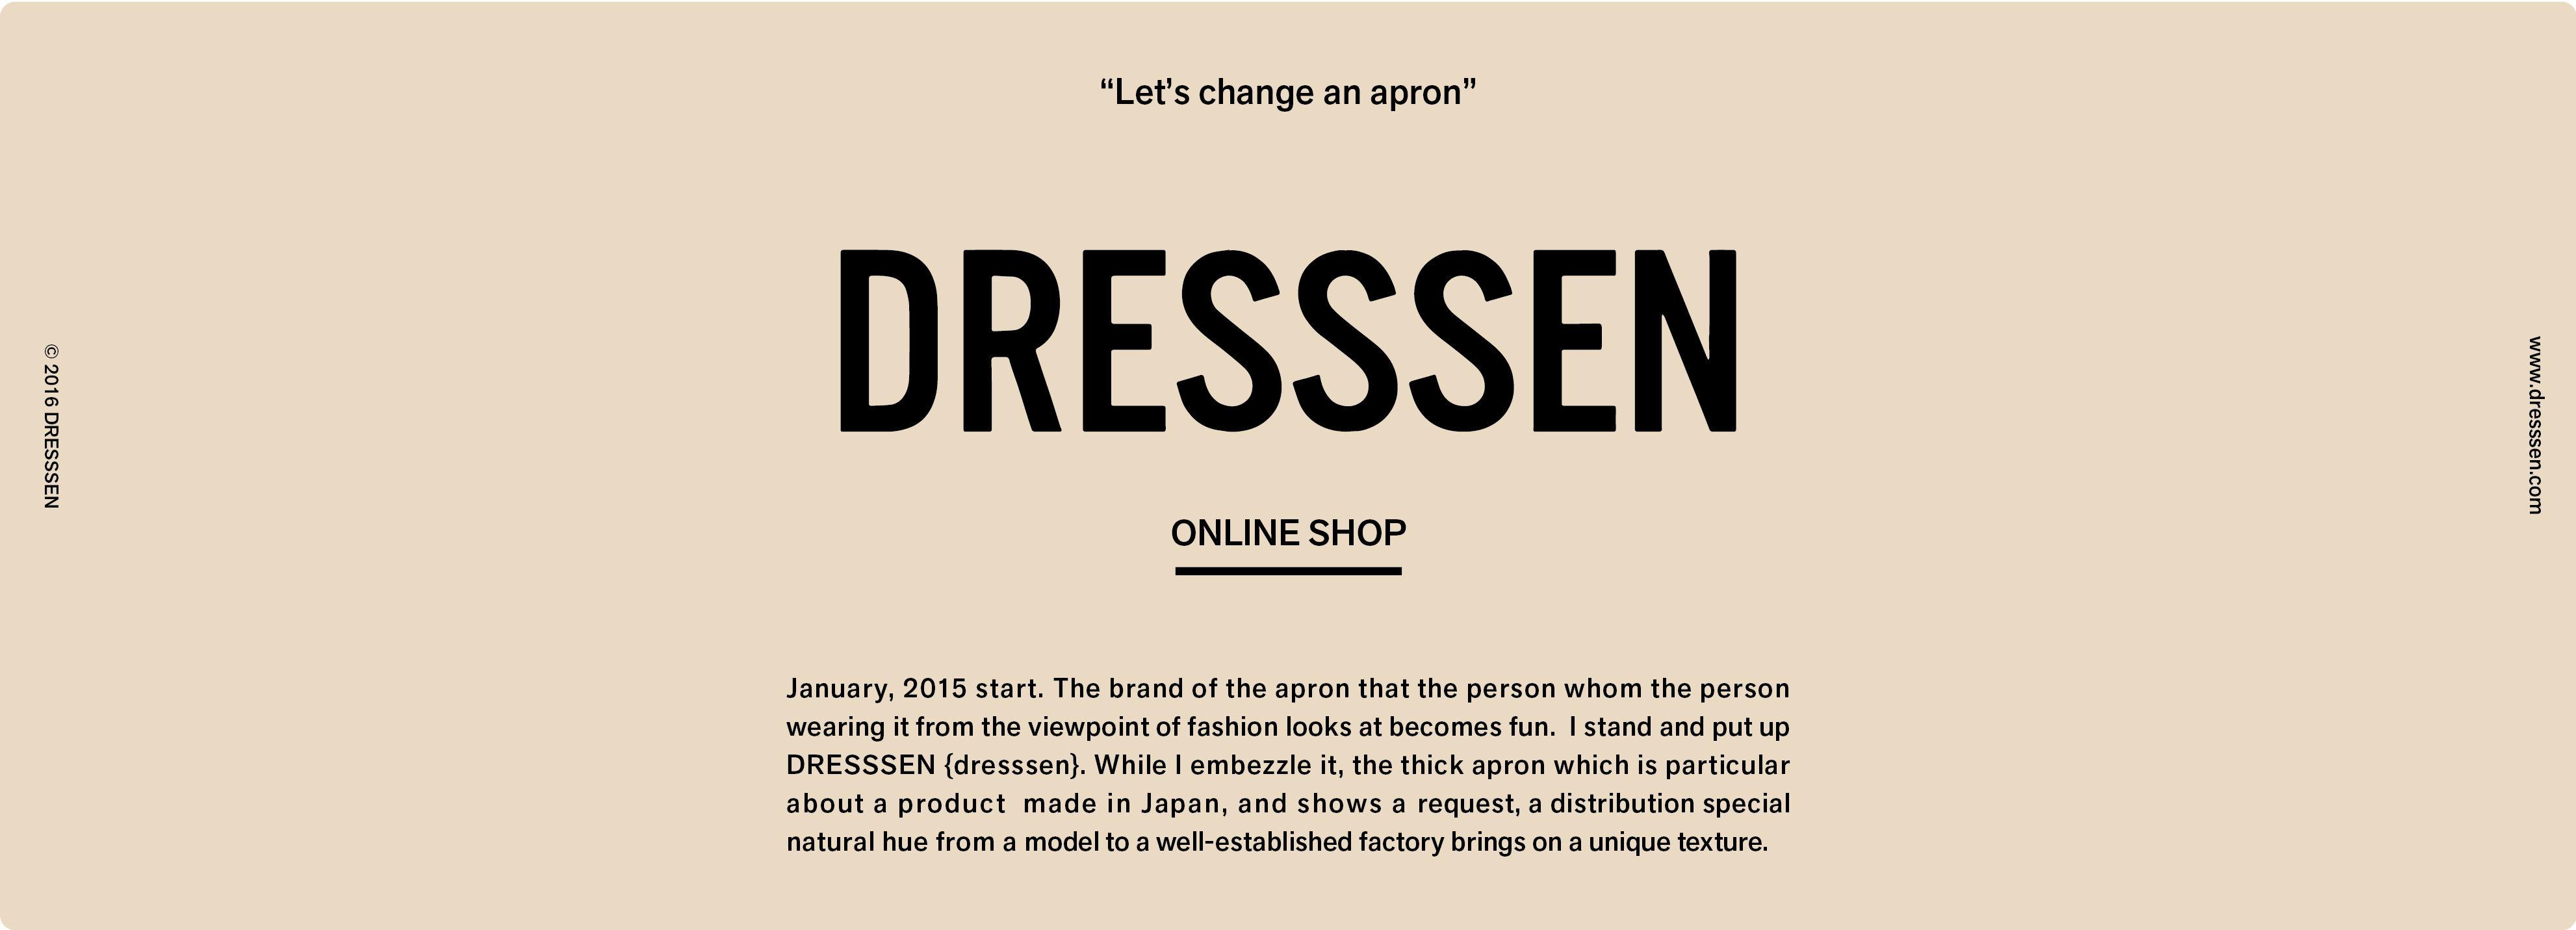 DRESSSEN公式オンラインストア